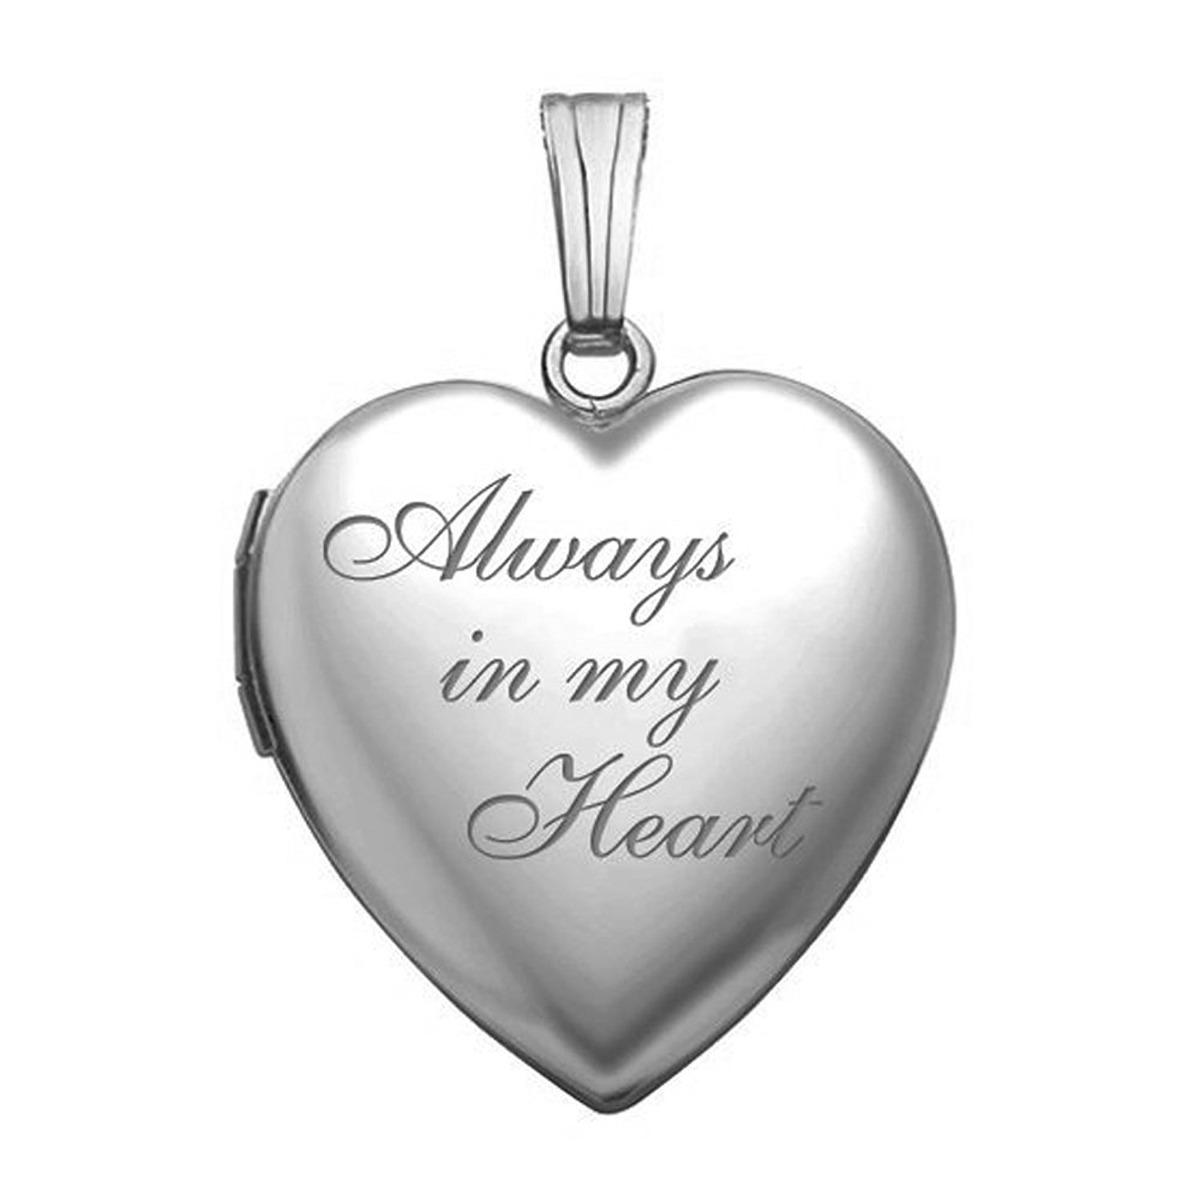 Siempre mi mi corazn silver heart locket pendant necklace 3 locket pendant necklace 3 cargando zoom aloadofball Images